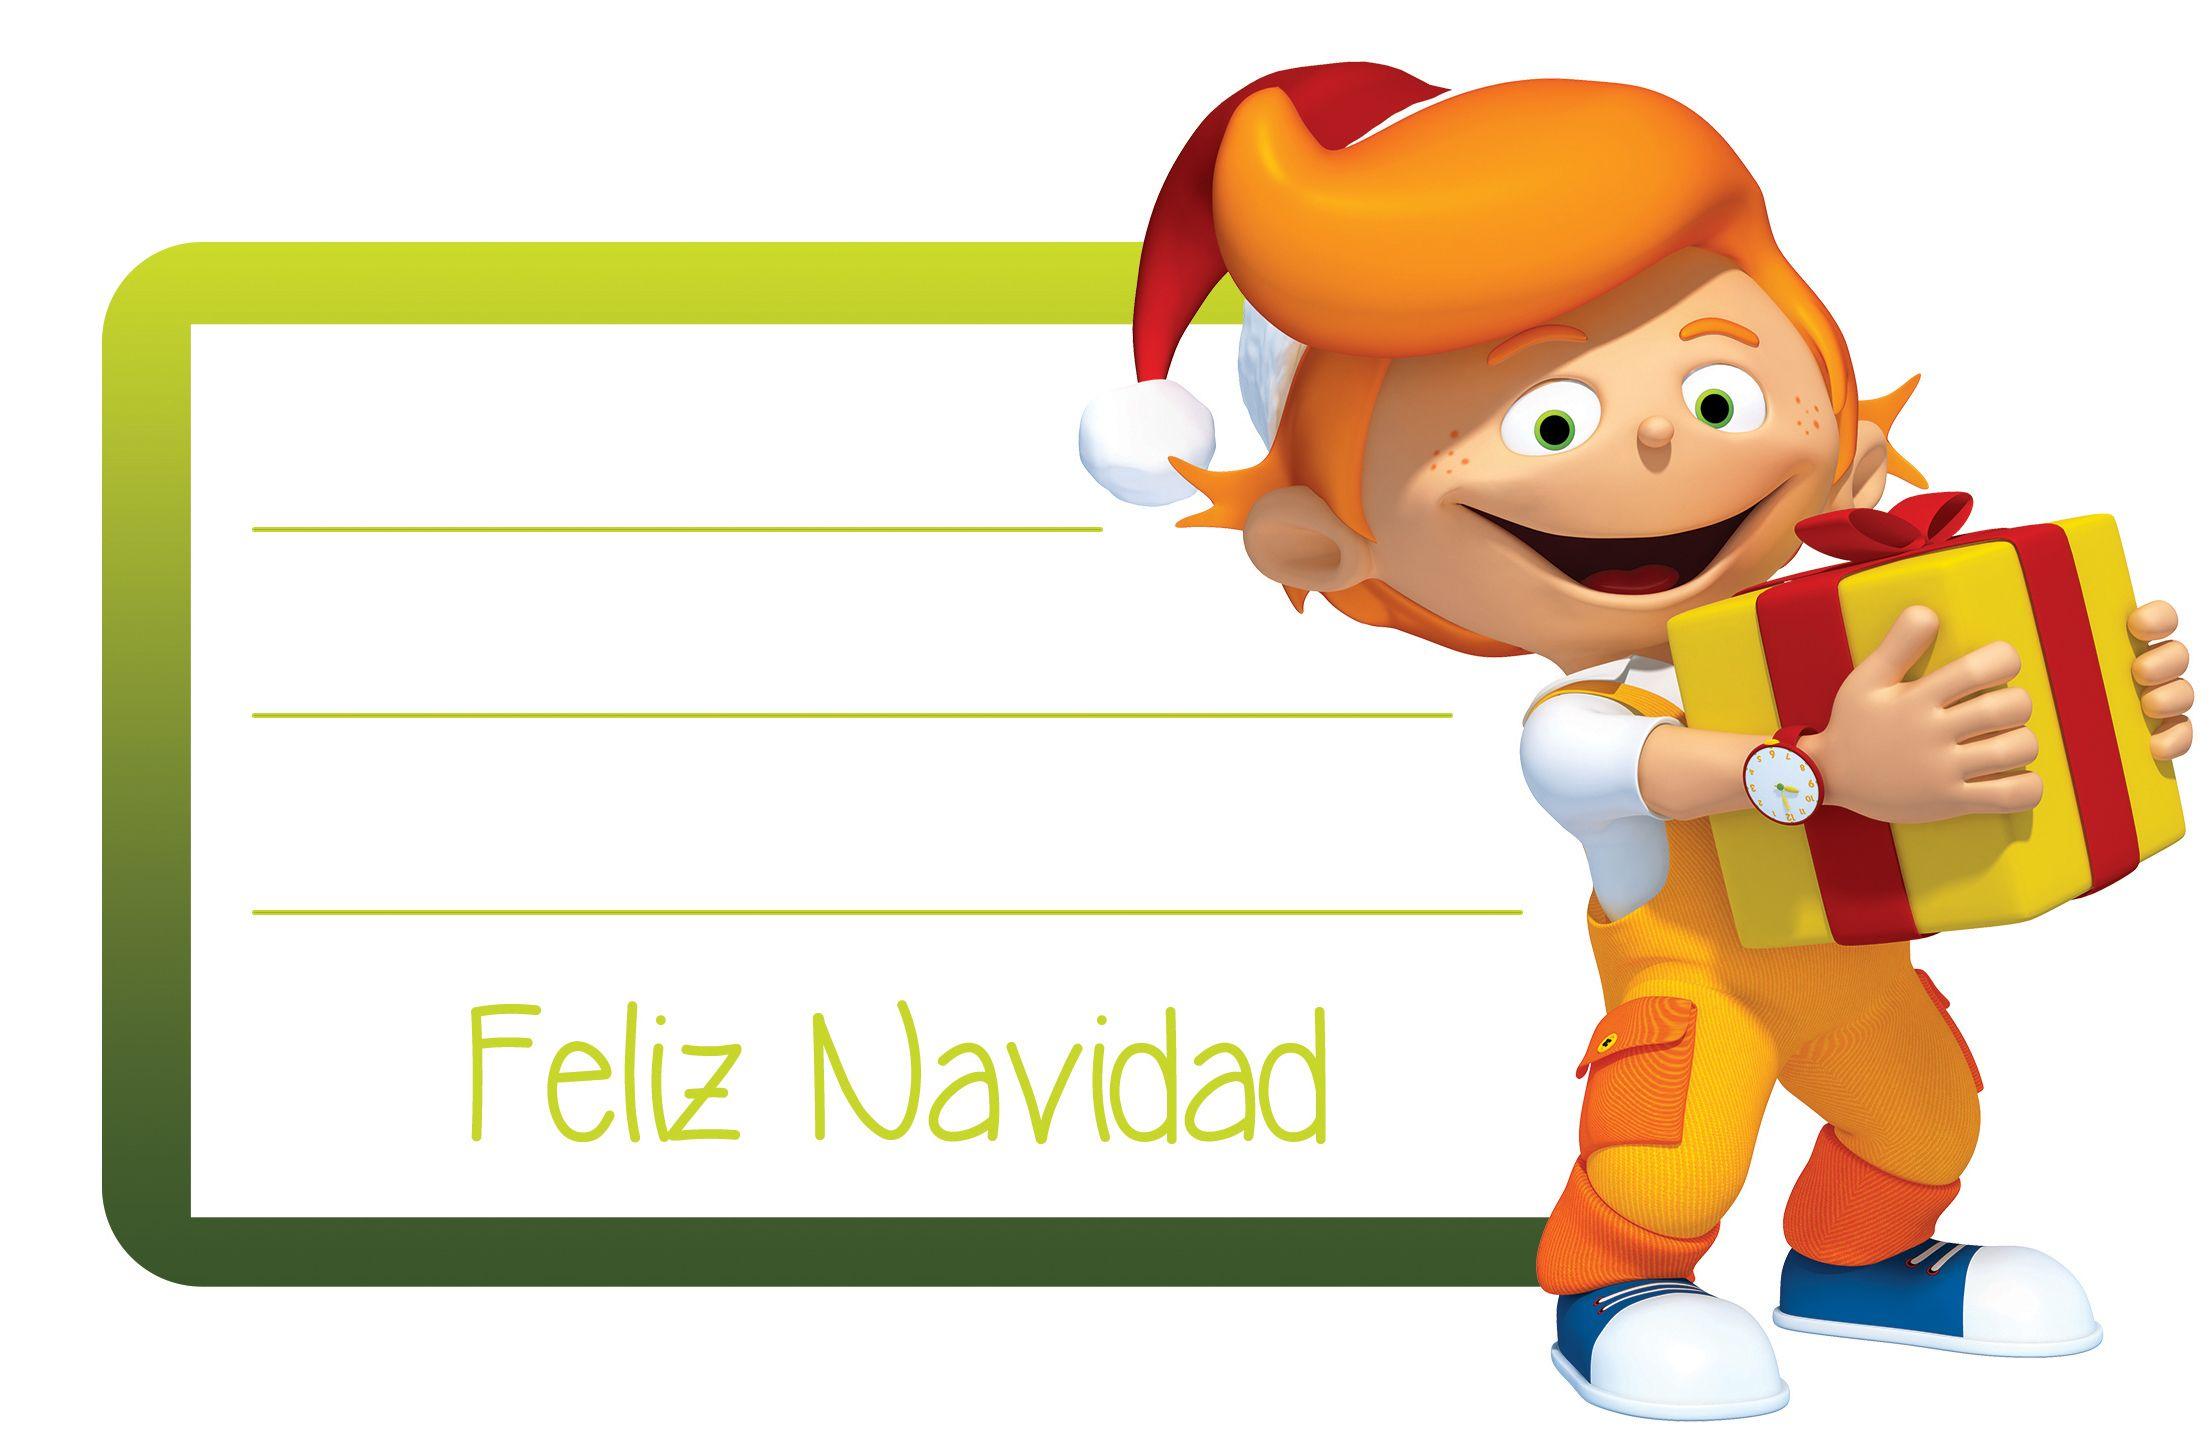 ¿Te gustan las etiquetas Gombby Navidad? :) Feliz Navidad!